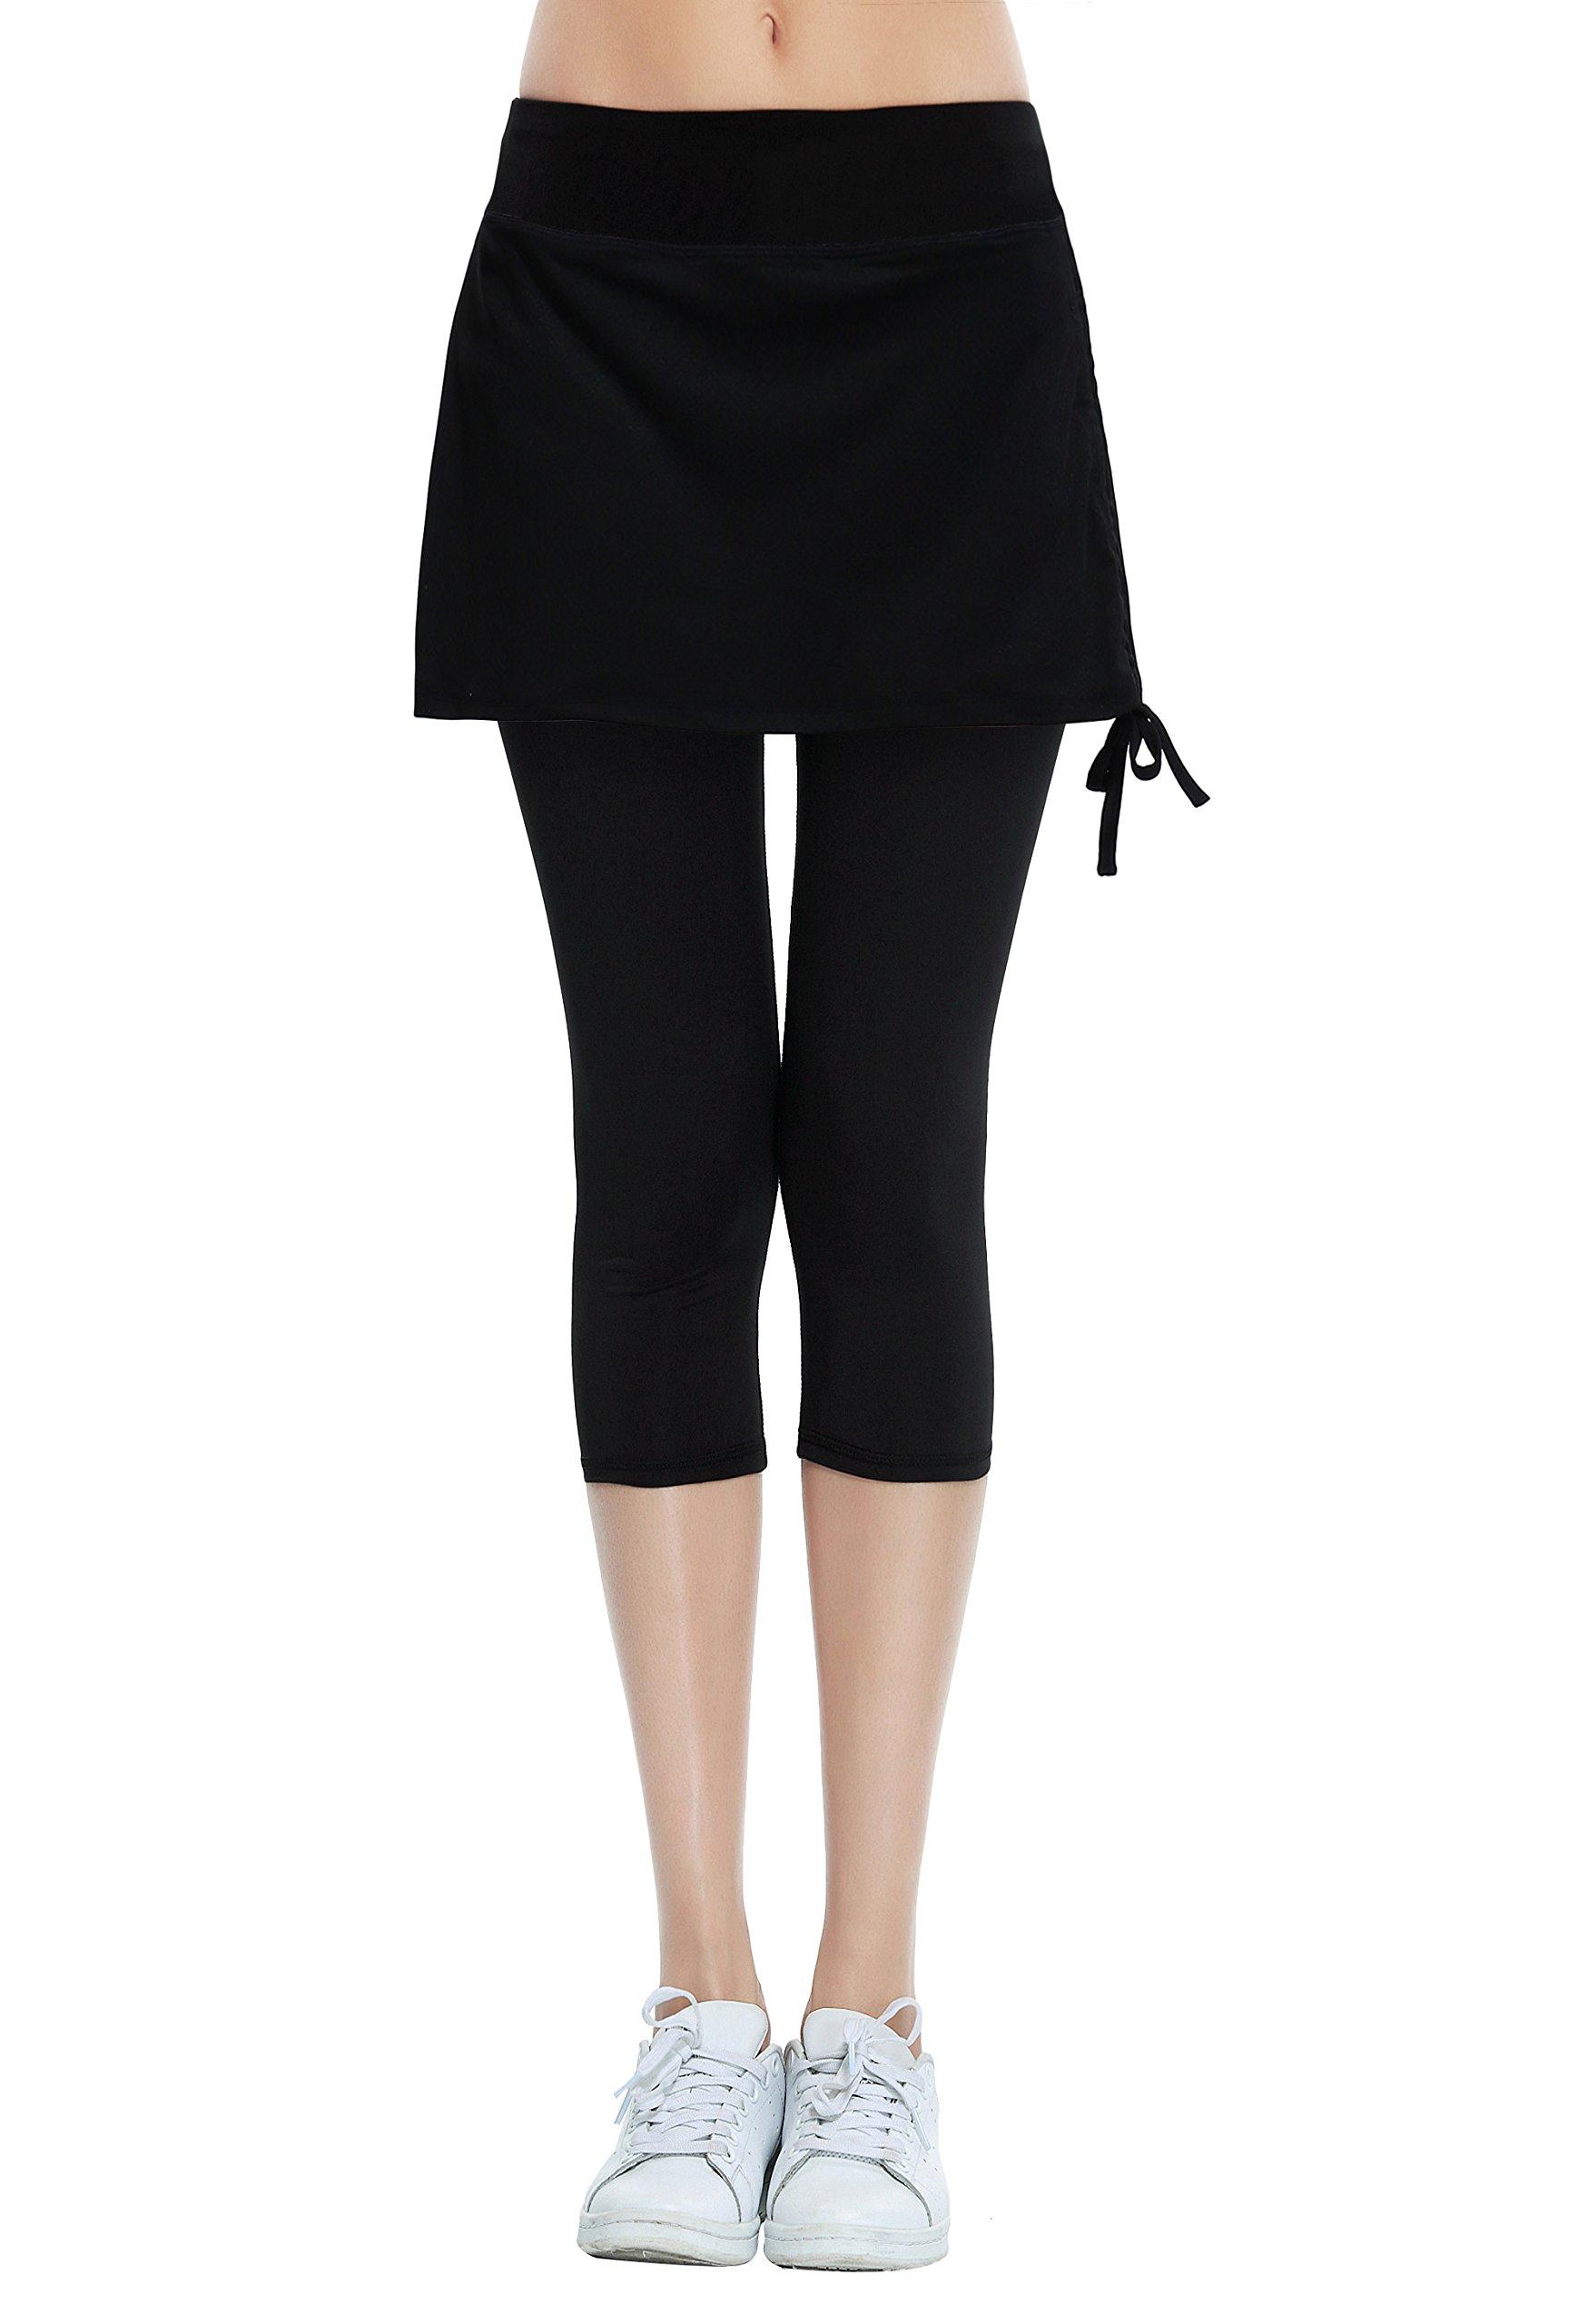 HonourSport Women's Cropped Leggings Side Drawstring Running Capri Skirt(Black,XL)